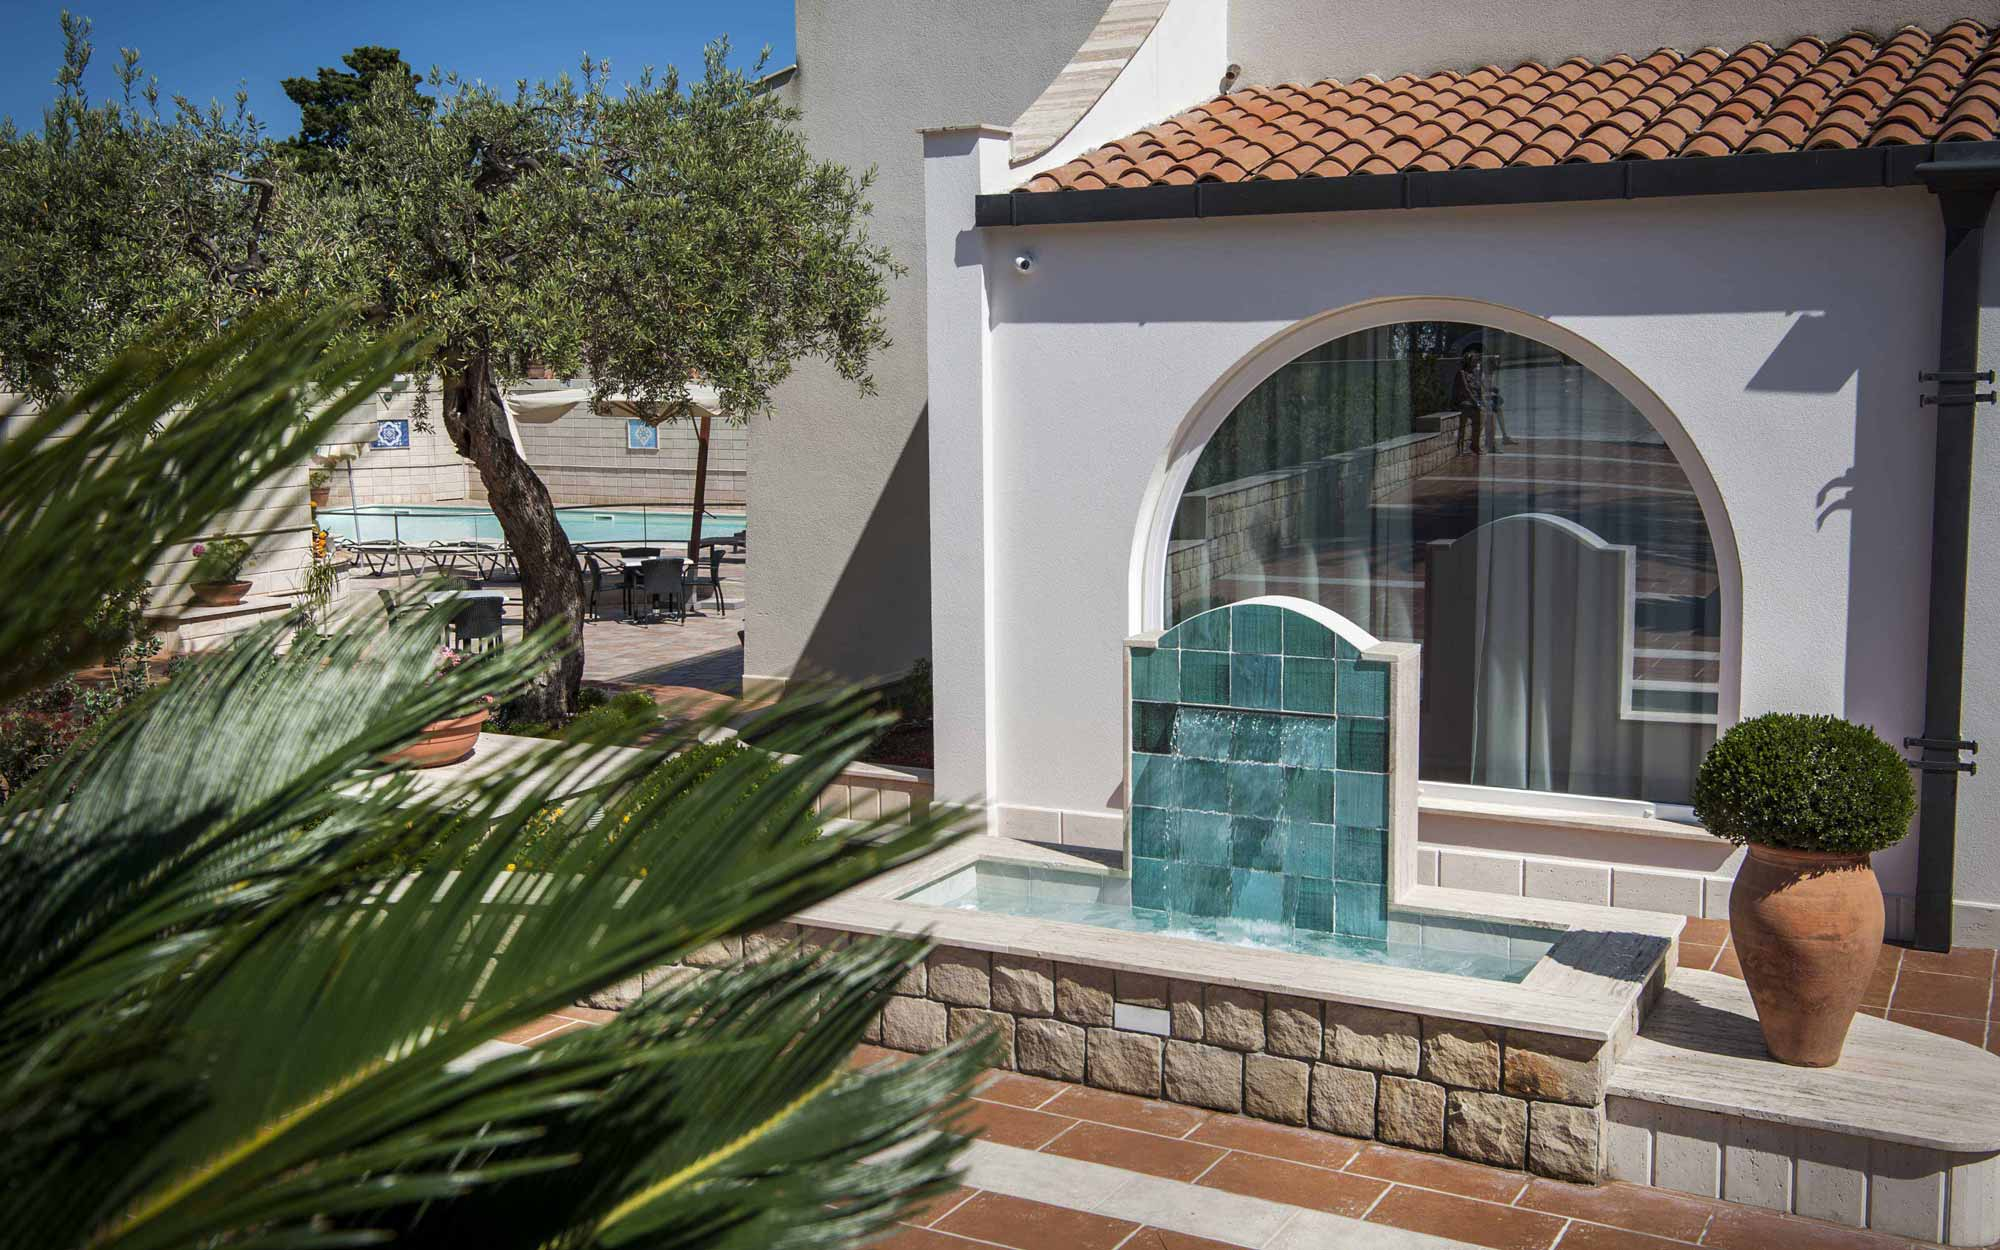 Decorative Fountain at Baia del Capitano